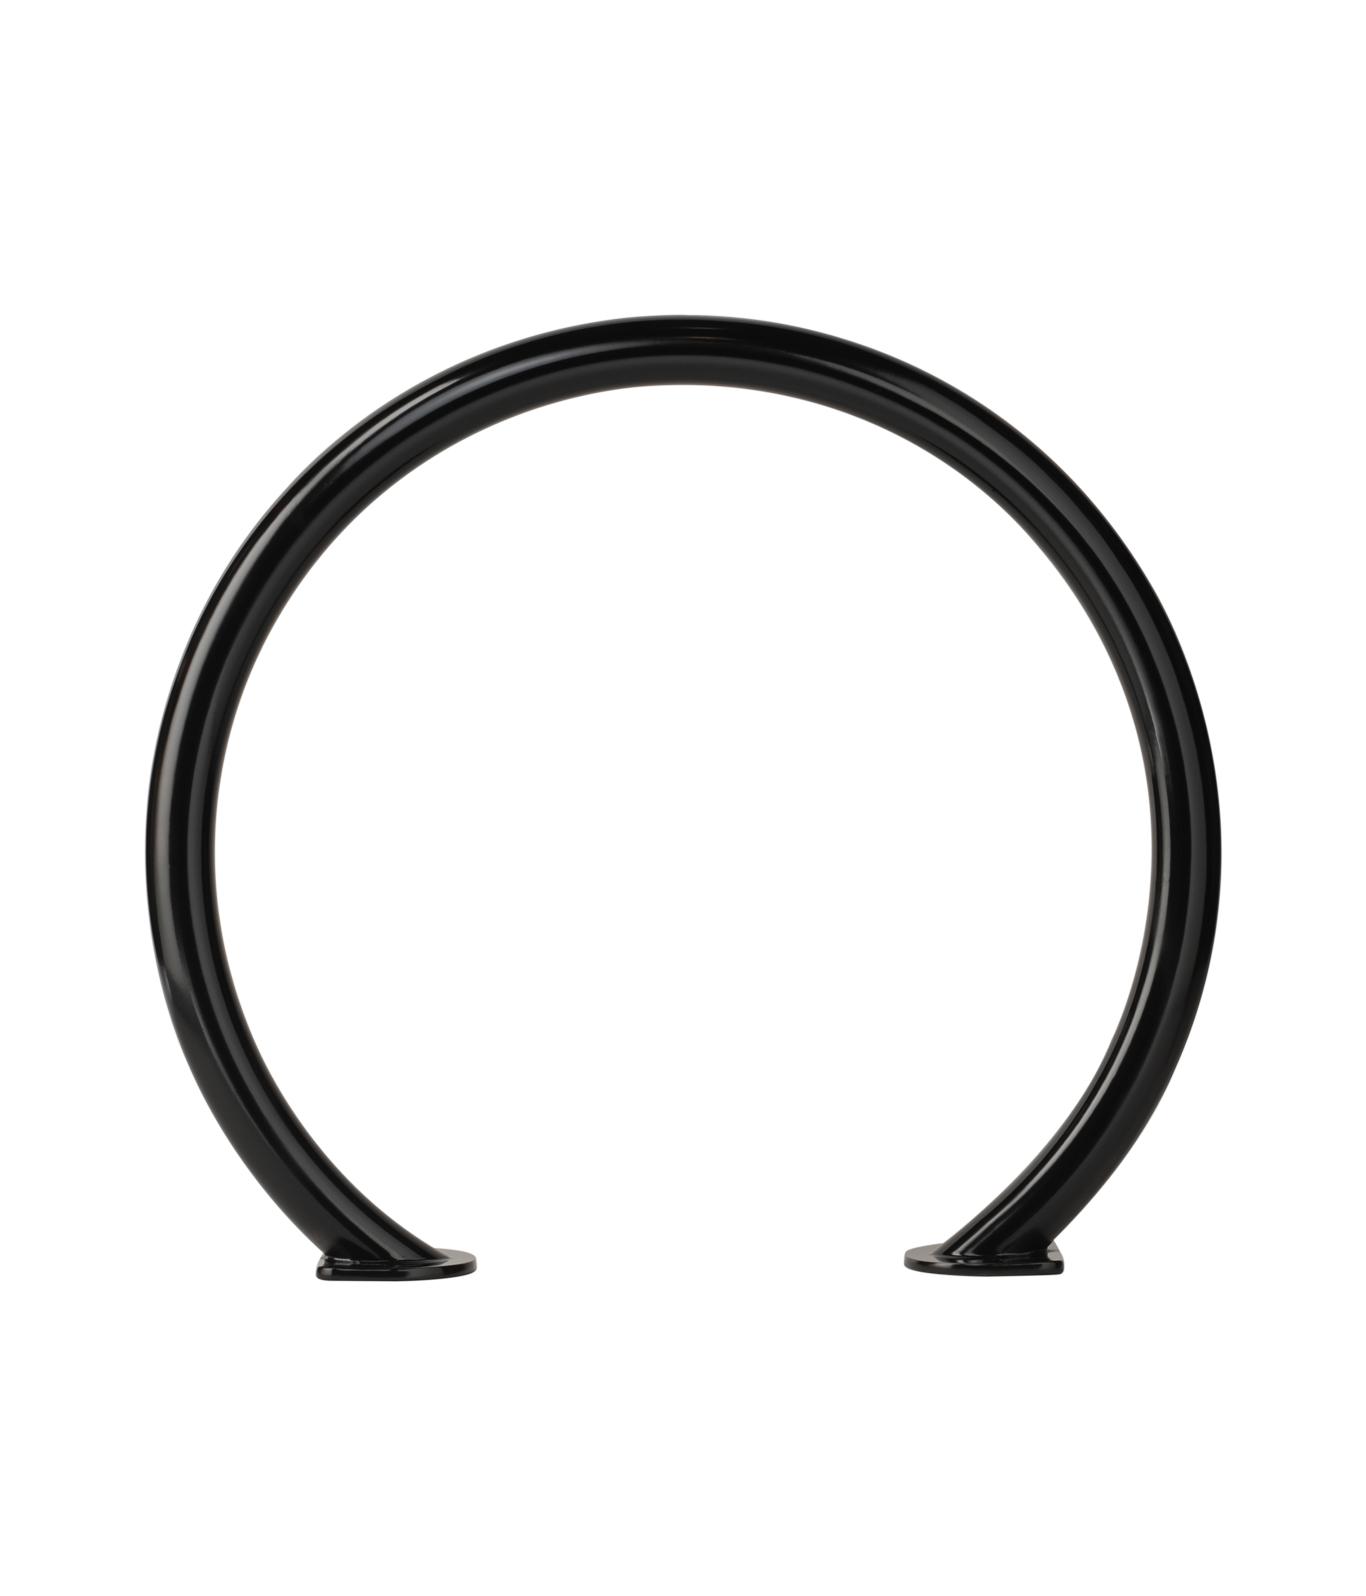 R-8224 steel ring bike rack